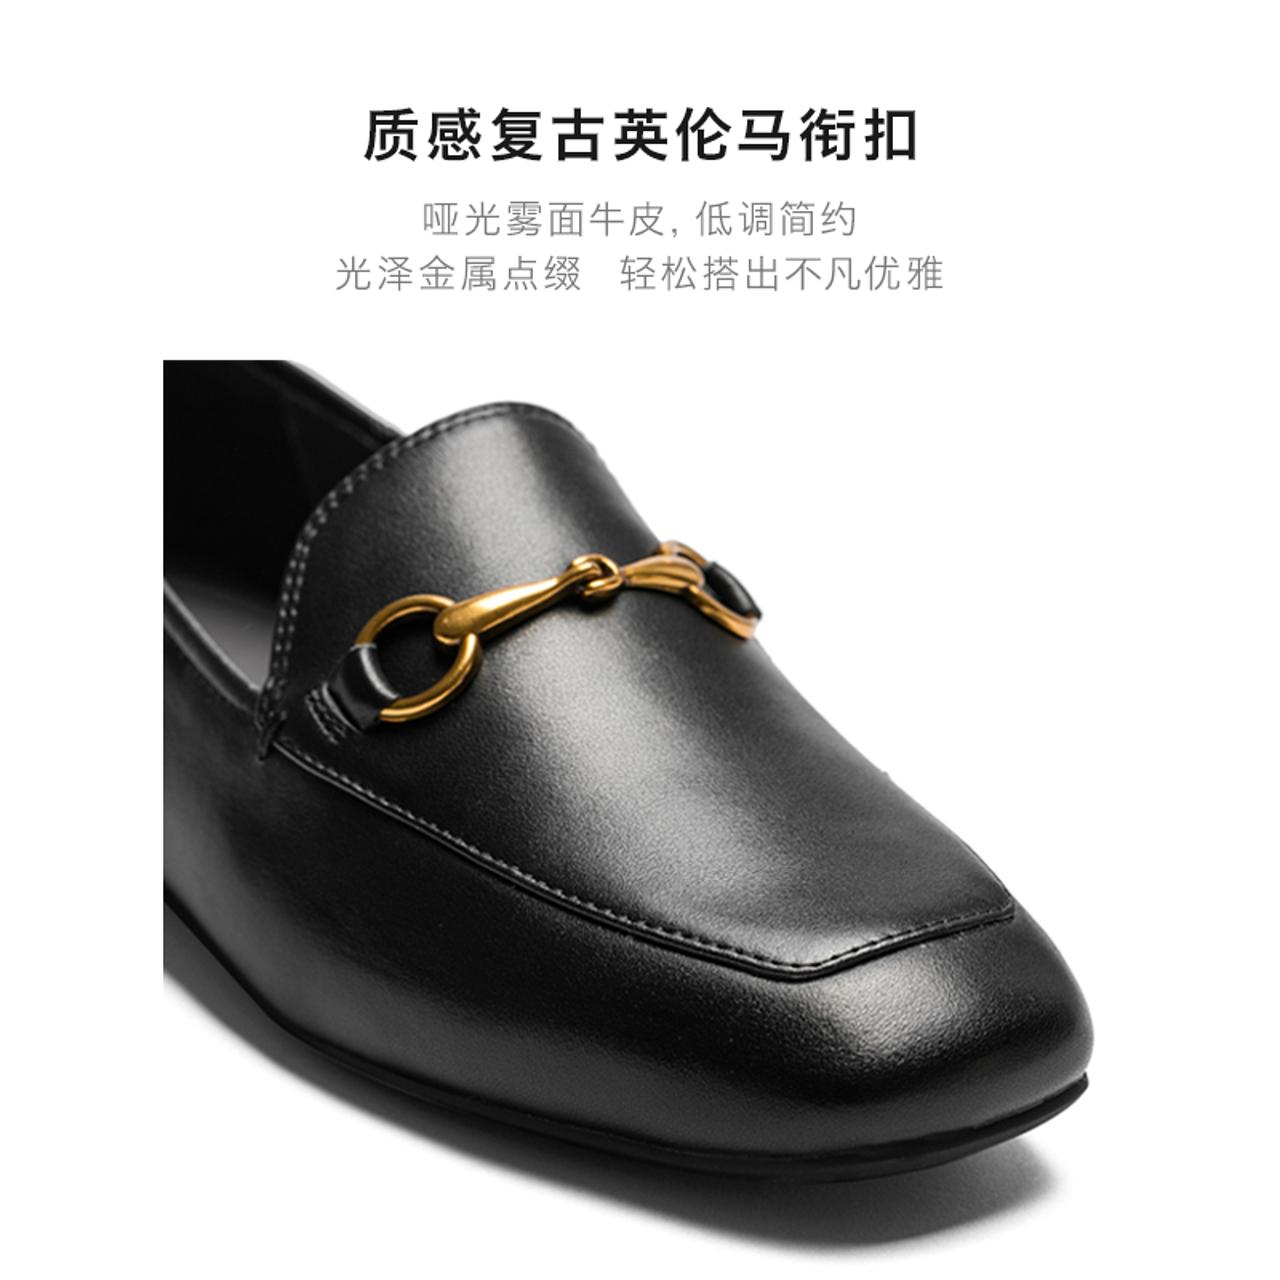 A20419807 年秋季新款一脚蹬乐福鞋女平底单鞋真皮女鞋 2020 千百度